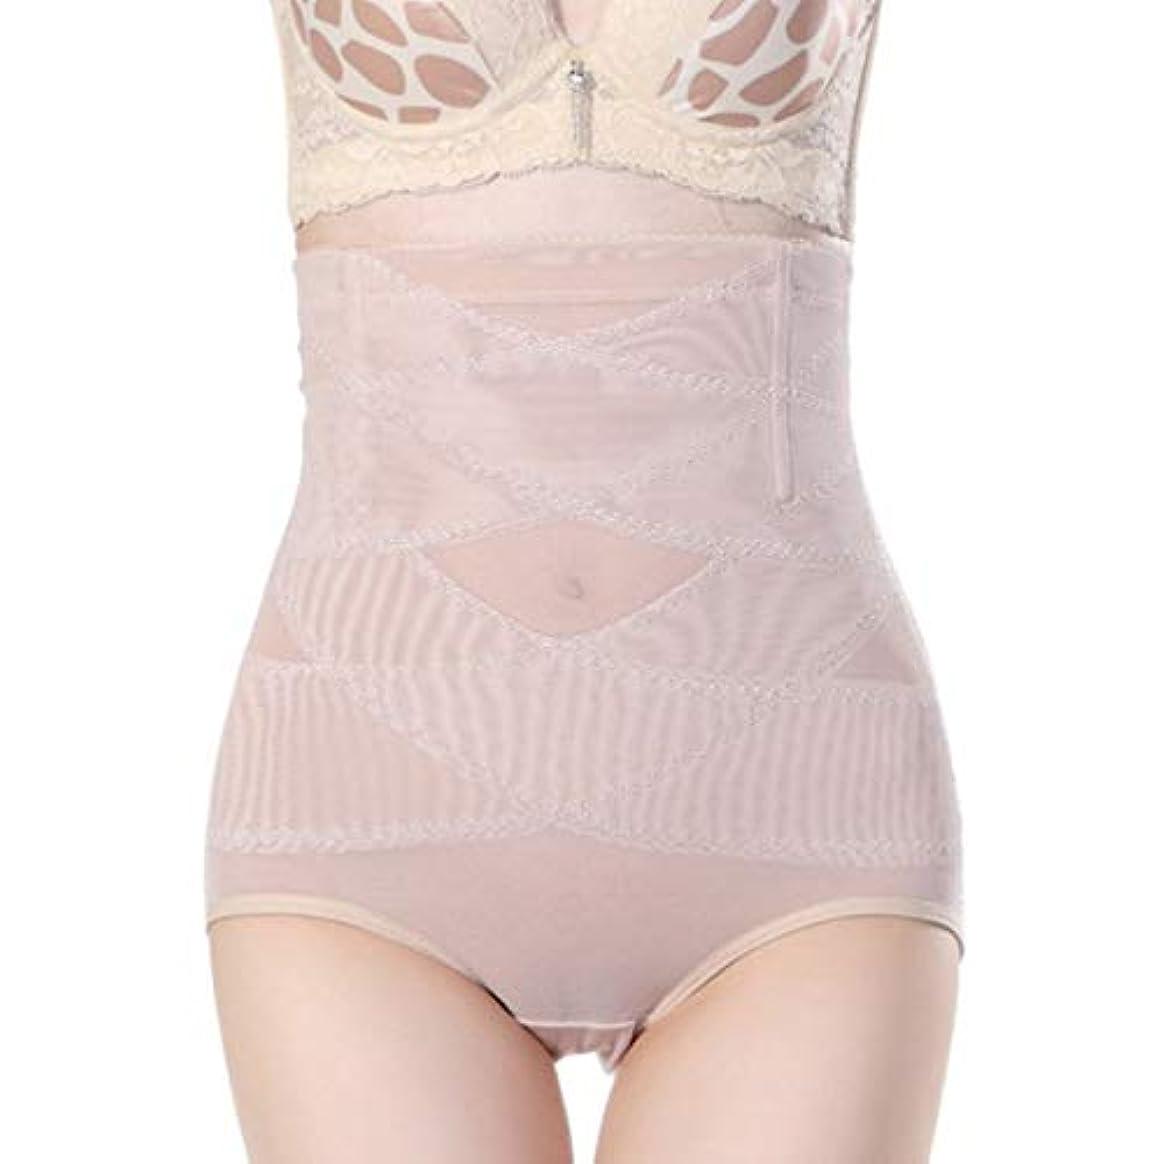 バイソン分類一掃する腹部制御下着シームレスおなかコントロールパンティーバットリフターボディシェイパーを痩身通気性のハイウエストの女性 - 肌色3 XL